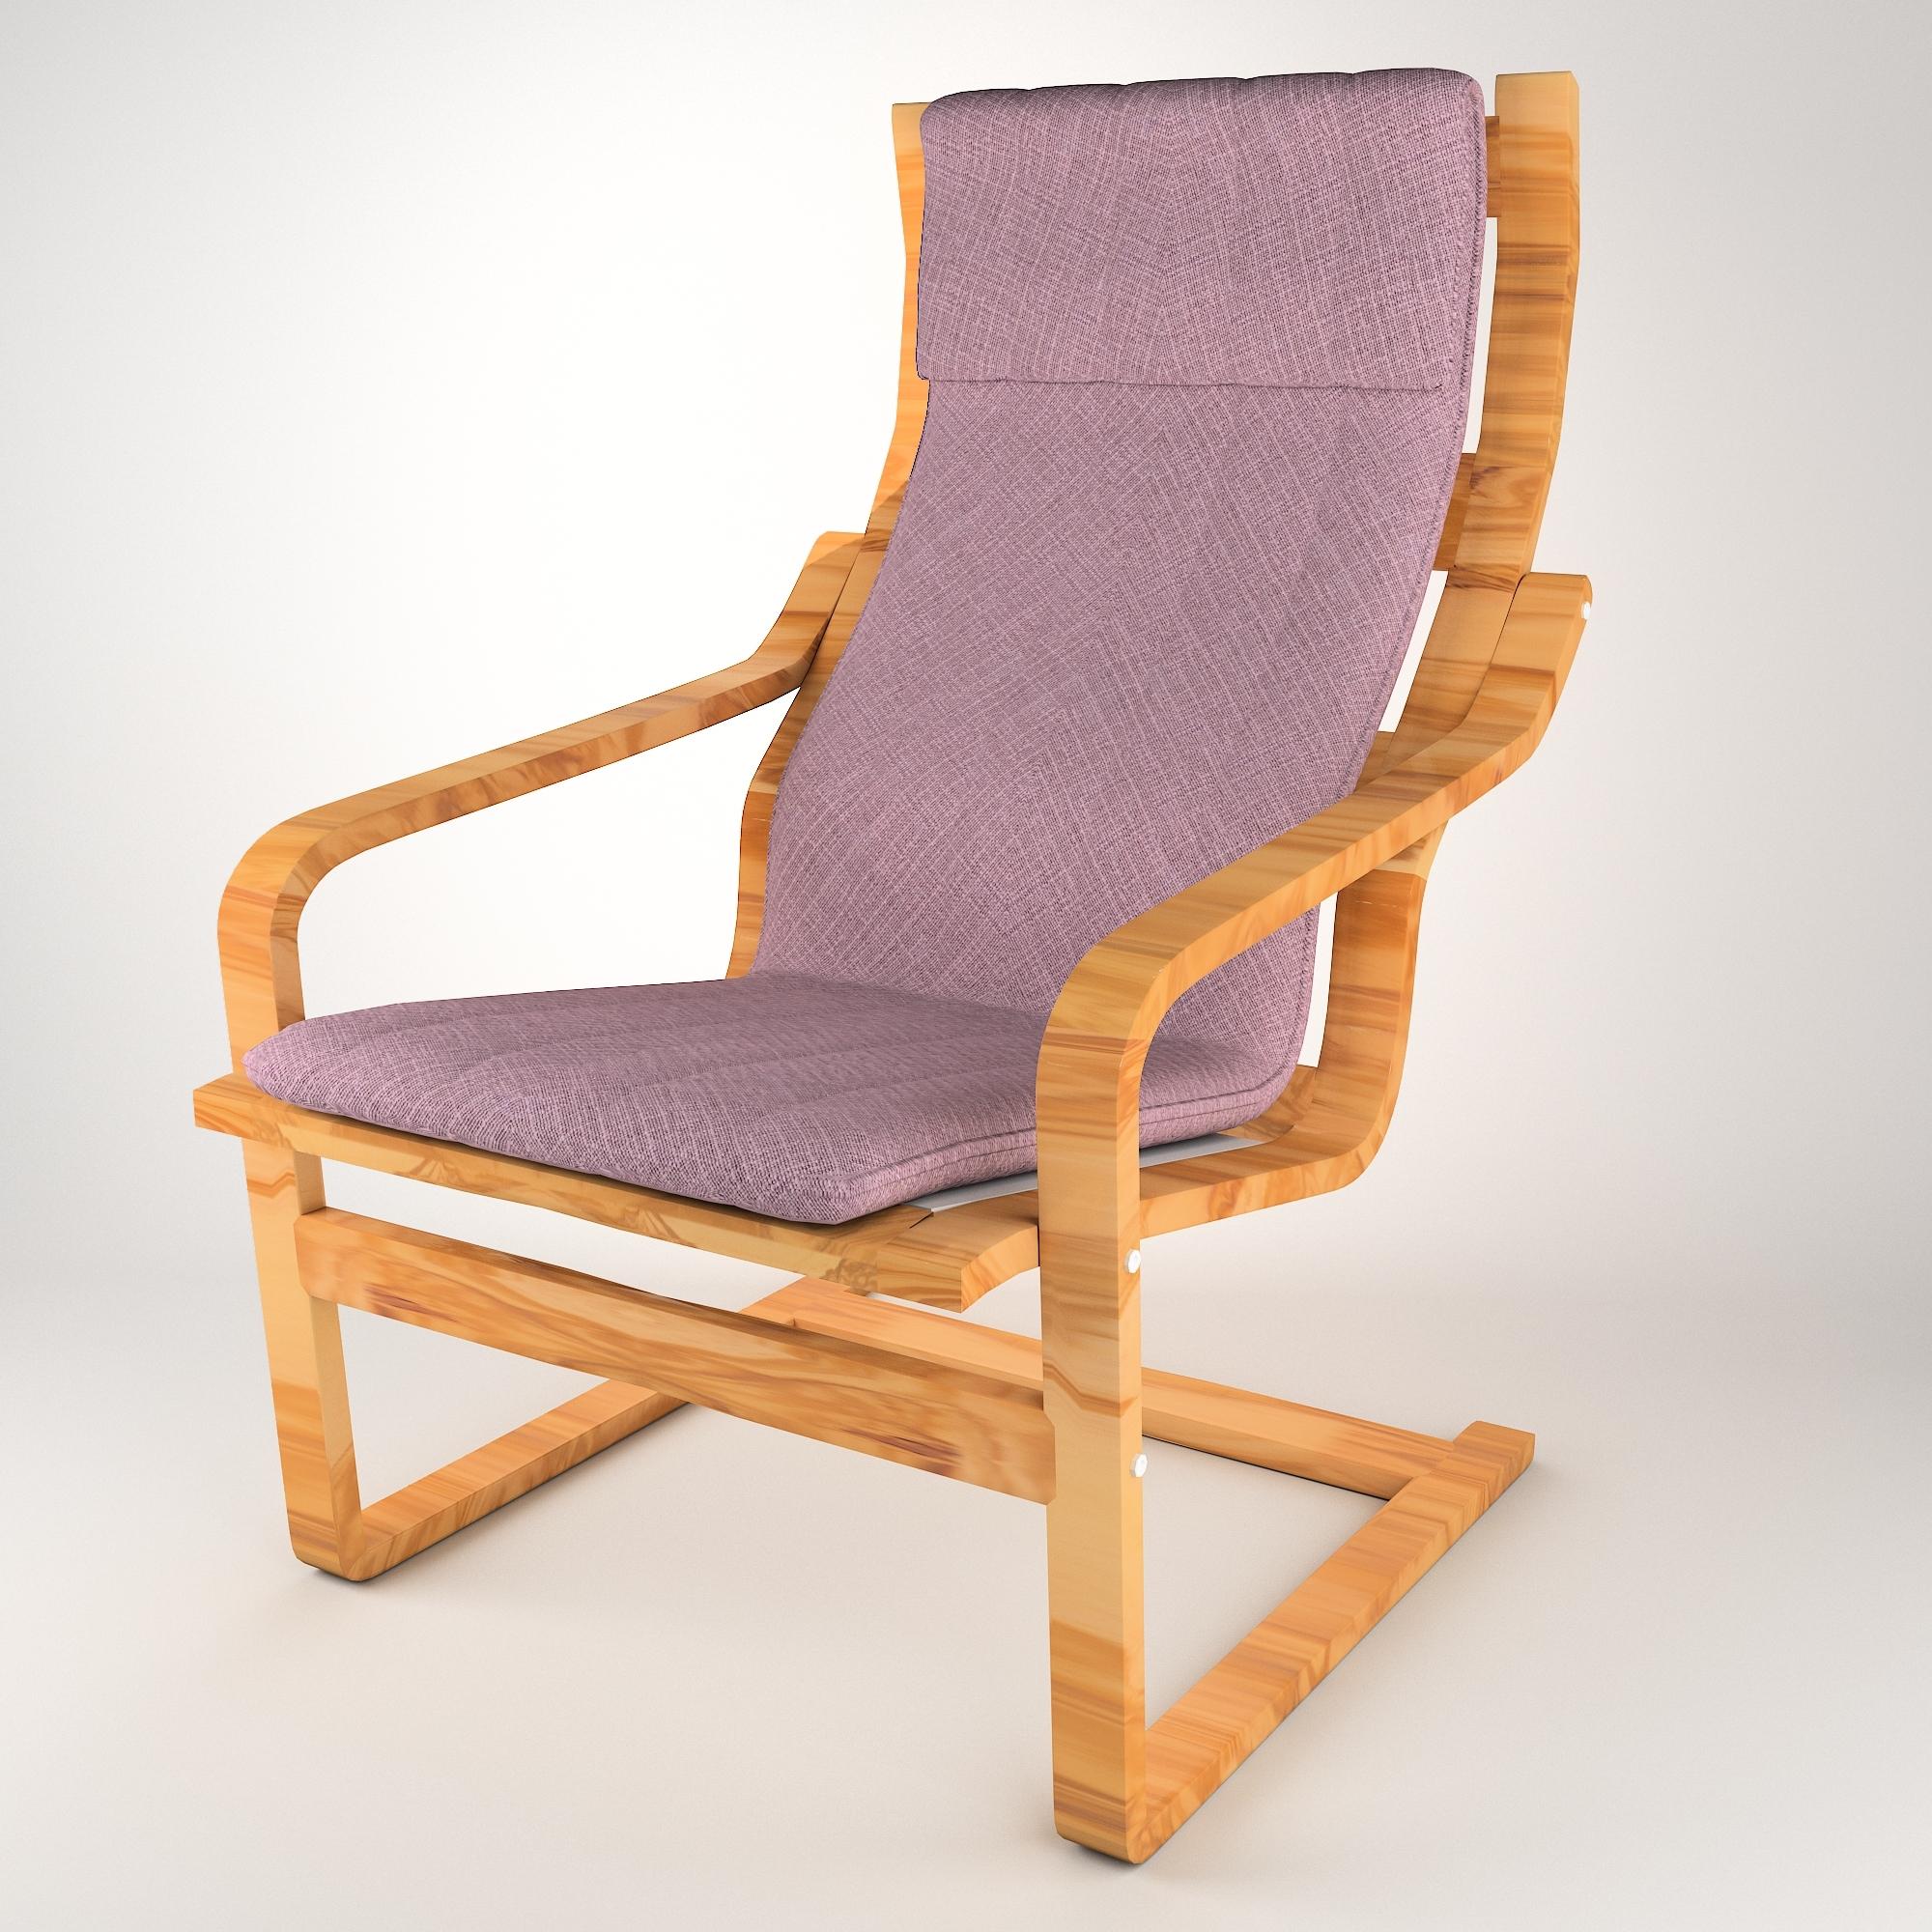 Full Size of Ikea Liegestuhl Poang 3d Modell Turbosquid 1246751 Garten Küche Kosten Modulküche Kaufen Sofa Mit Schlaffunktion Miniküche Betten 160x200 Bei Wohnzimmer Ikea Liegestuhl